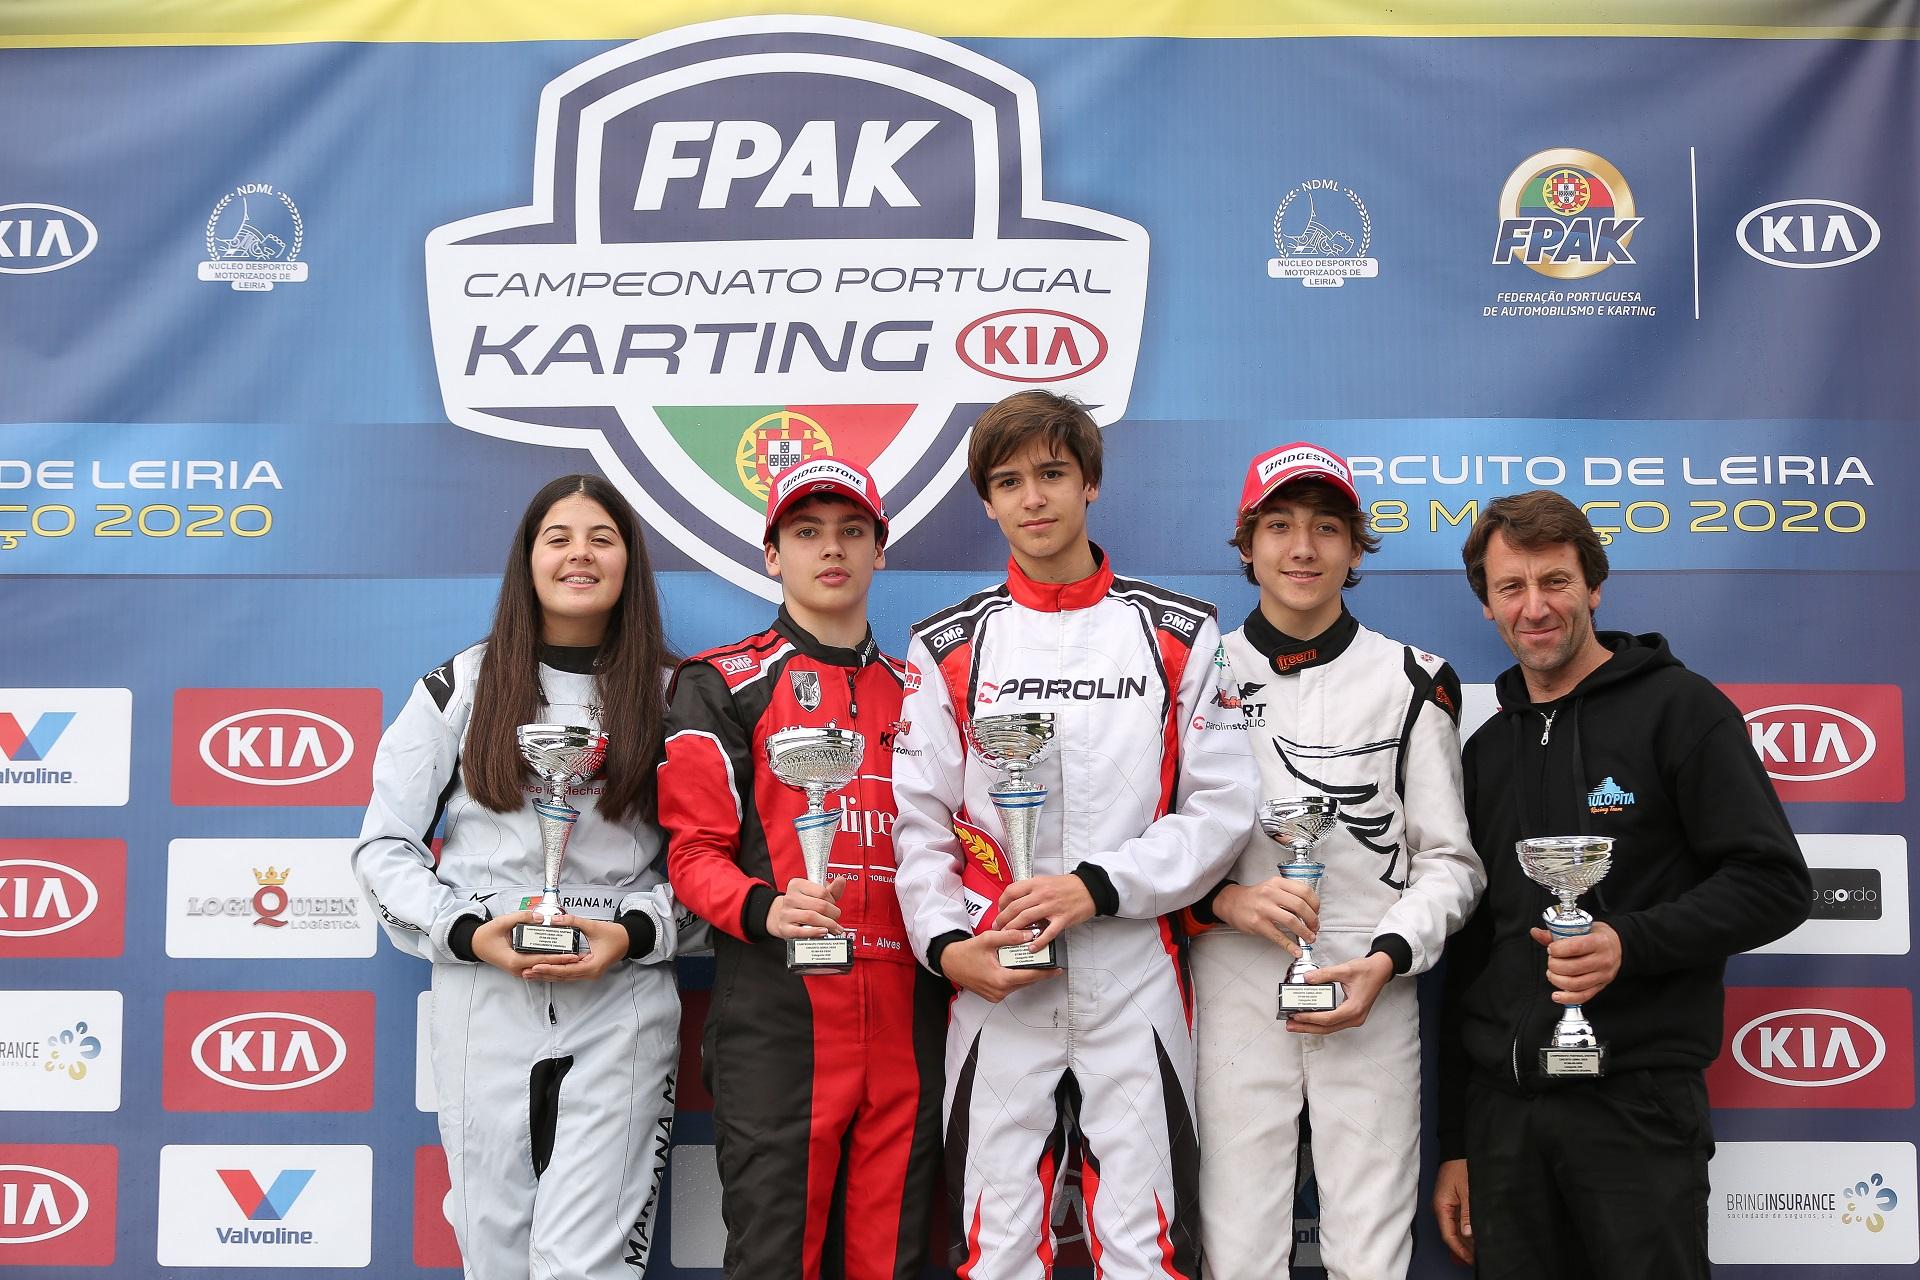 Miguel Silva inicia Campeonato de Portugal de Karting KIA com triunfo na X30 Sénior